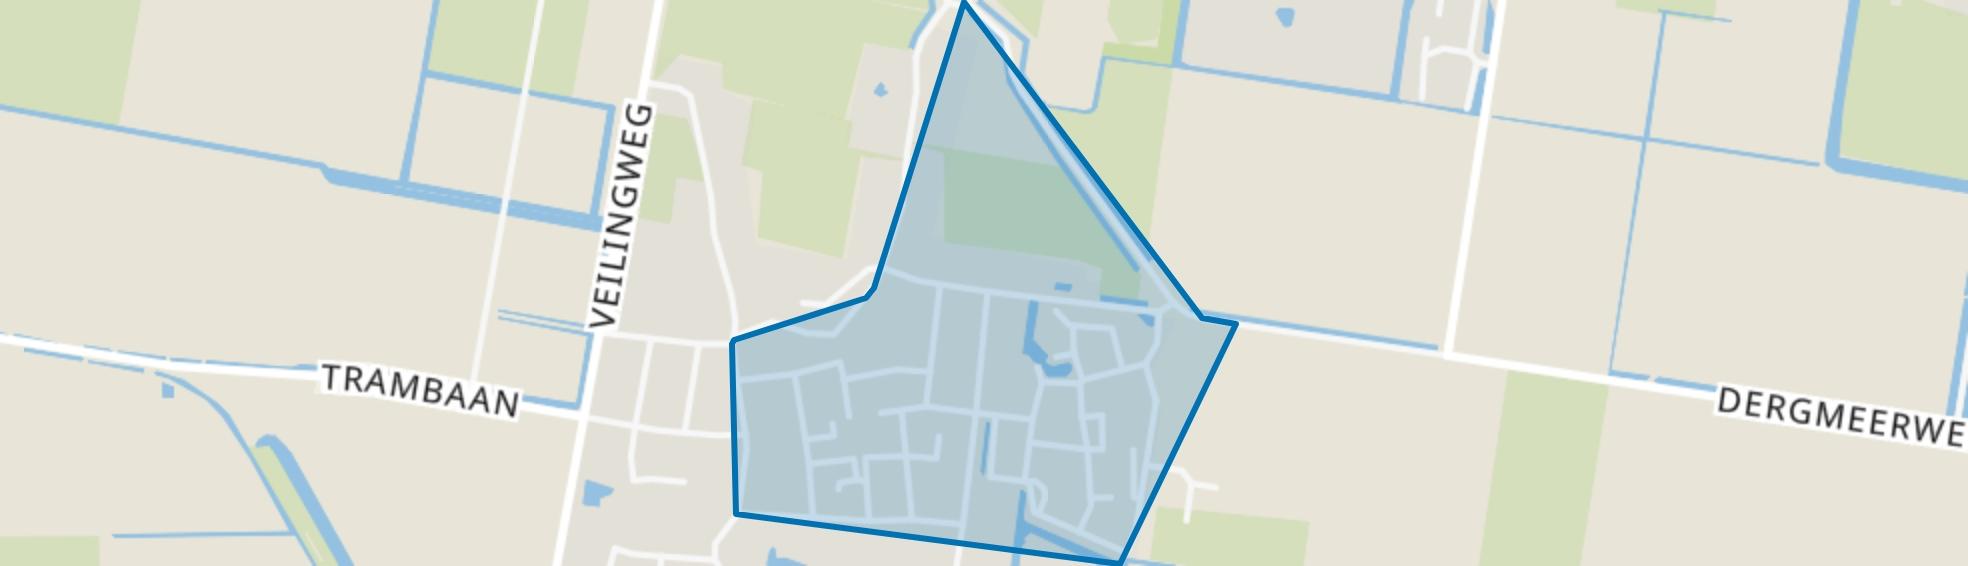 Debbemeer-Noord, Warmenhuizen map